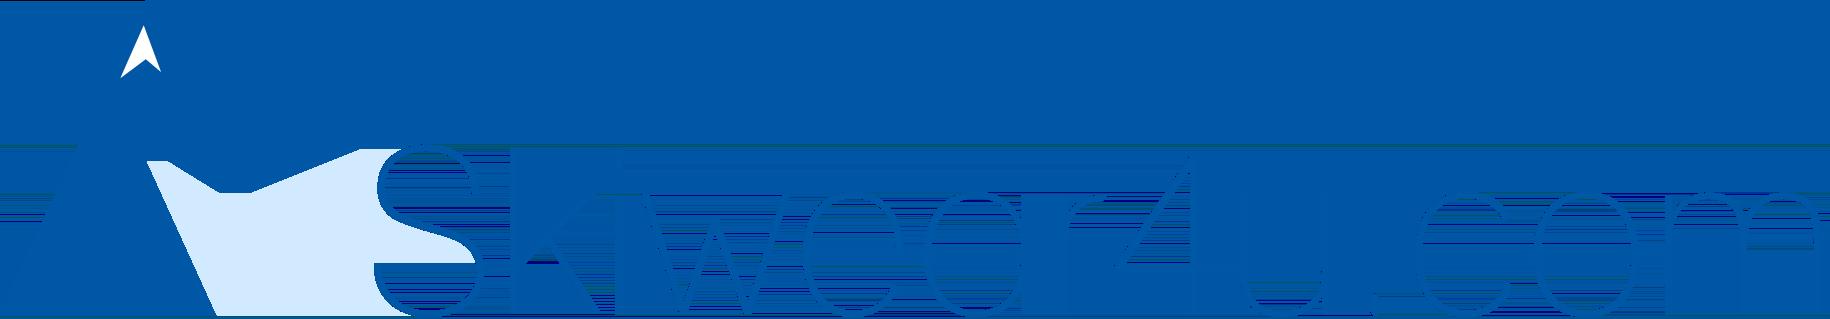 Skiwear4u.com